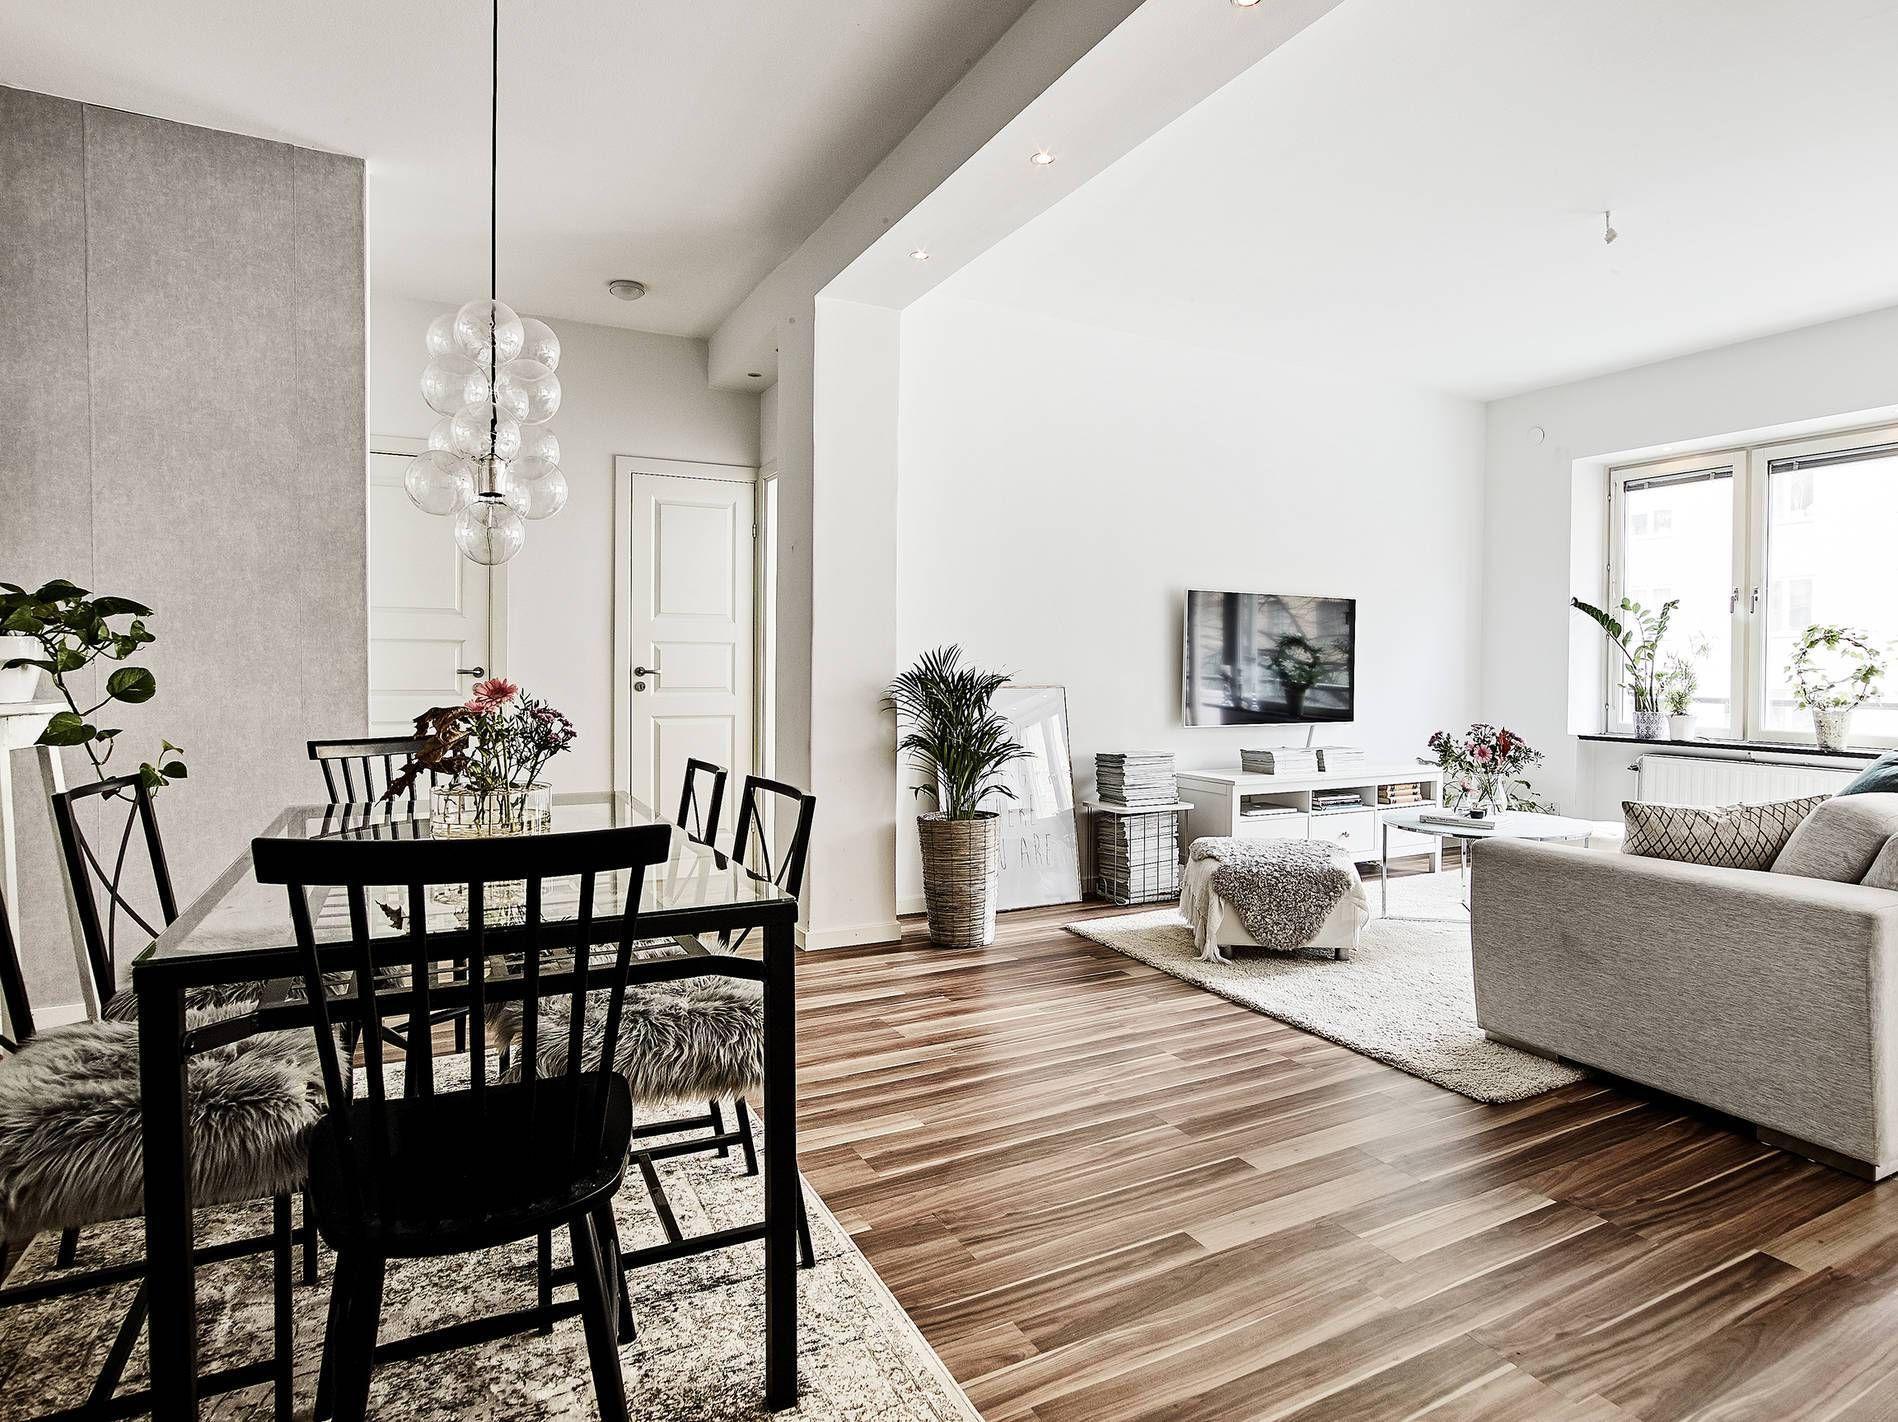 pisos suecos diseño interiores decoración interiores cocinas ...